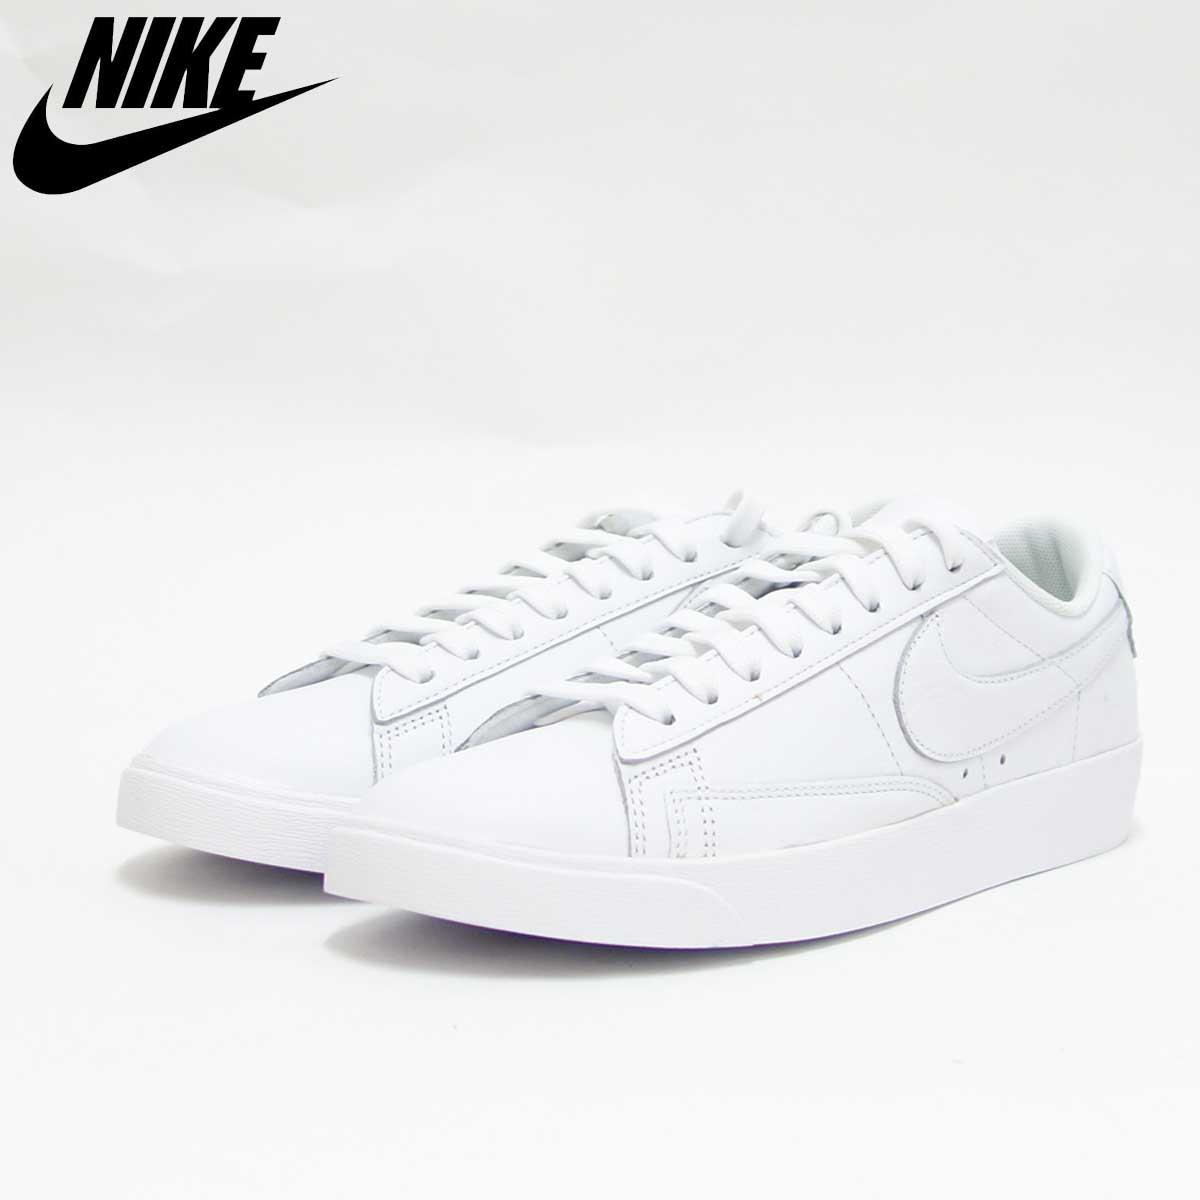 get cheap 59e9a f457b Nike NIKE ブレーザー LOW LE women AV9370 111 white WMNS BLAZER LOW LE